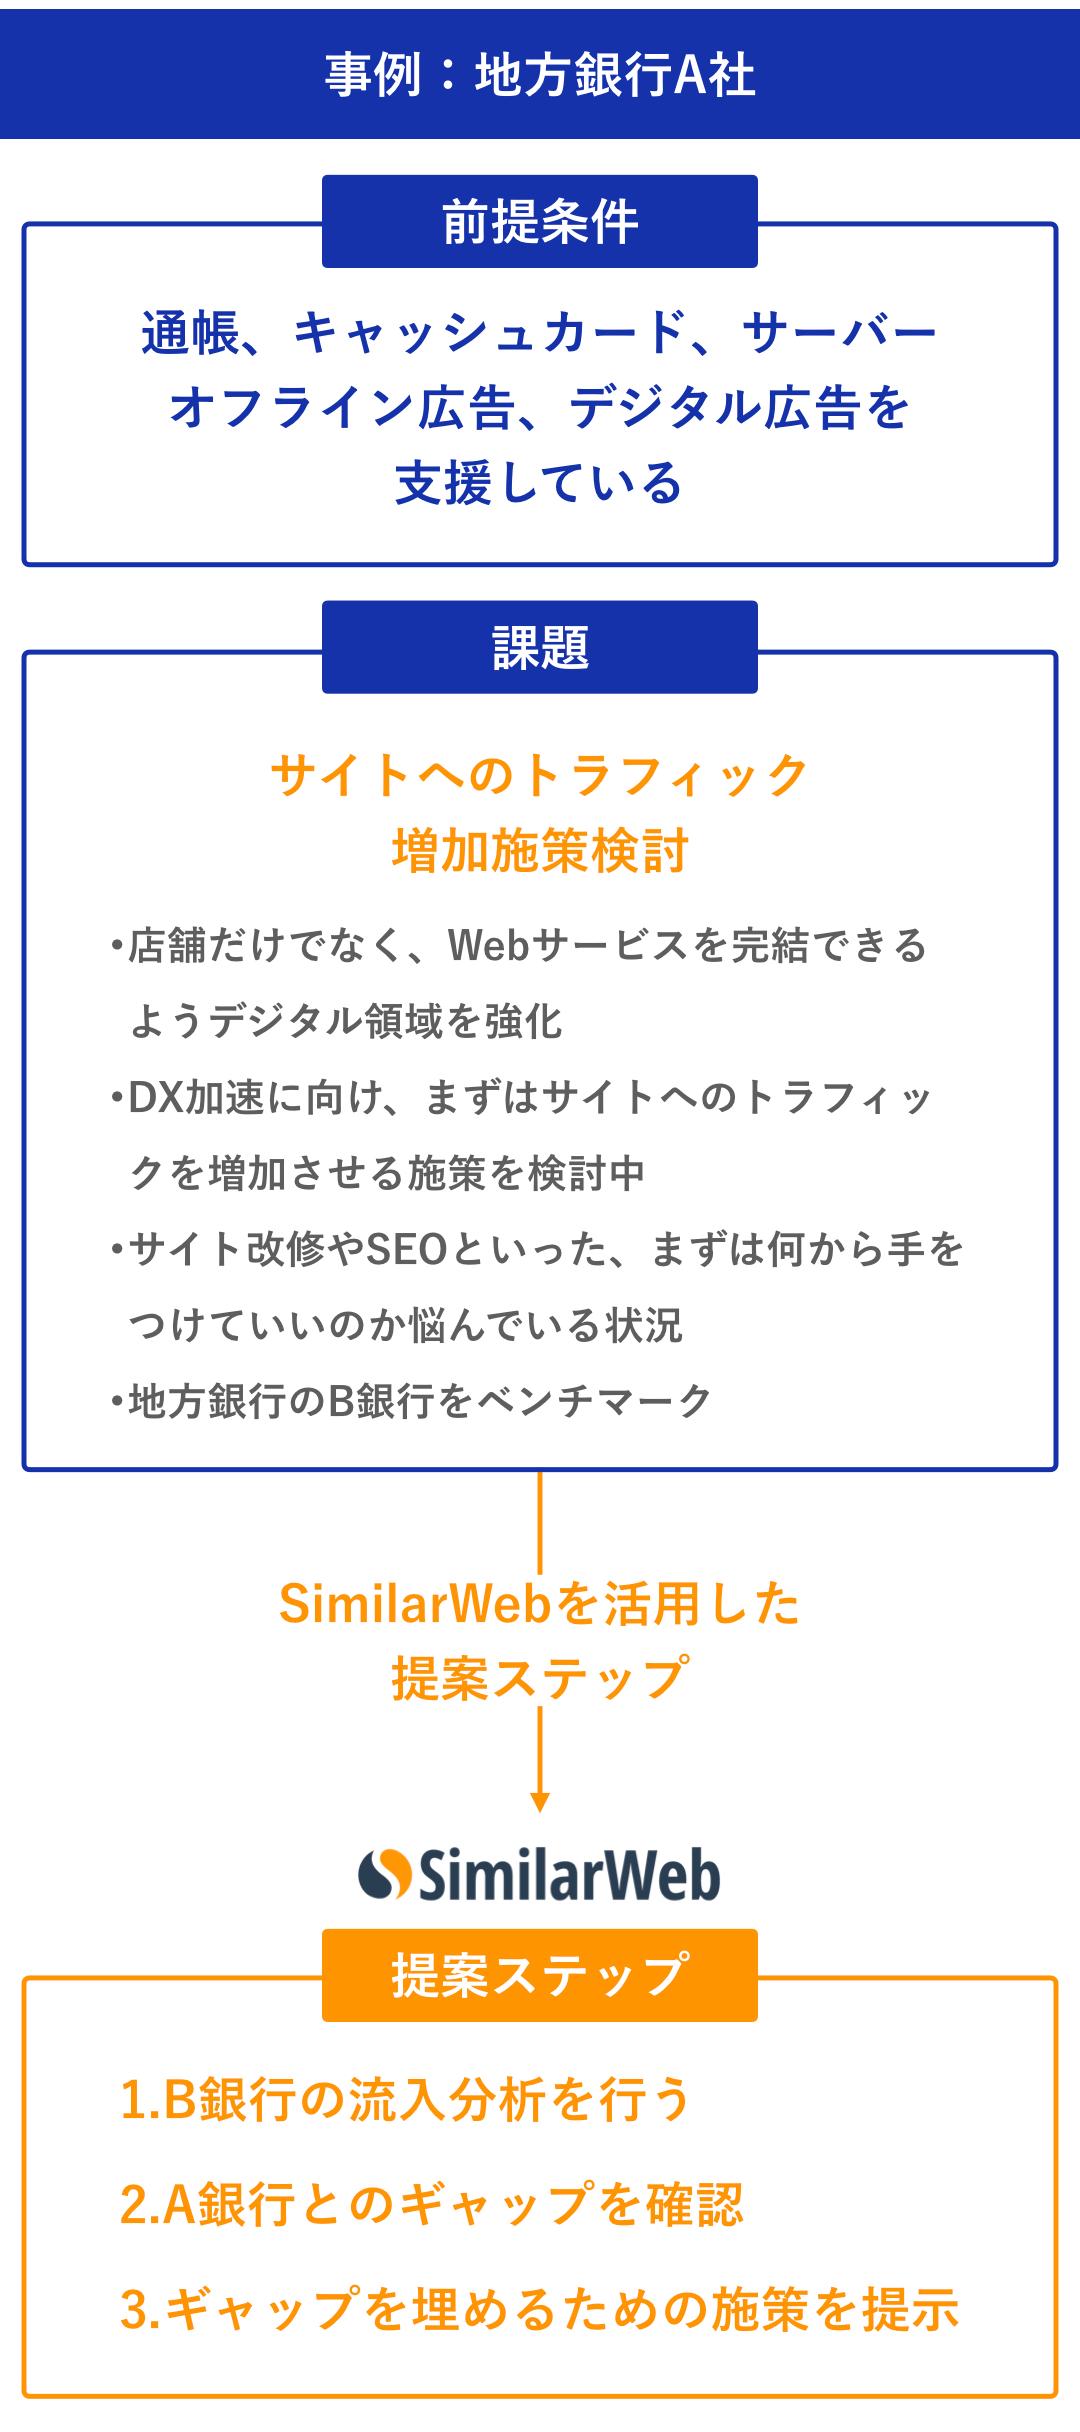 大日本印刷株式会社:加藤 綱貴 事例:地方銀行A社